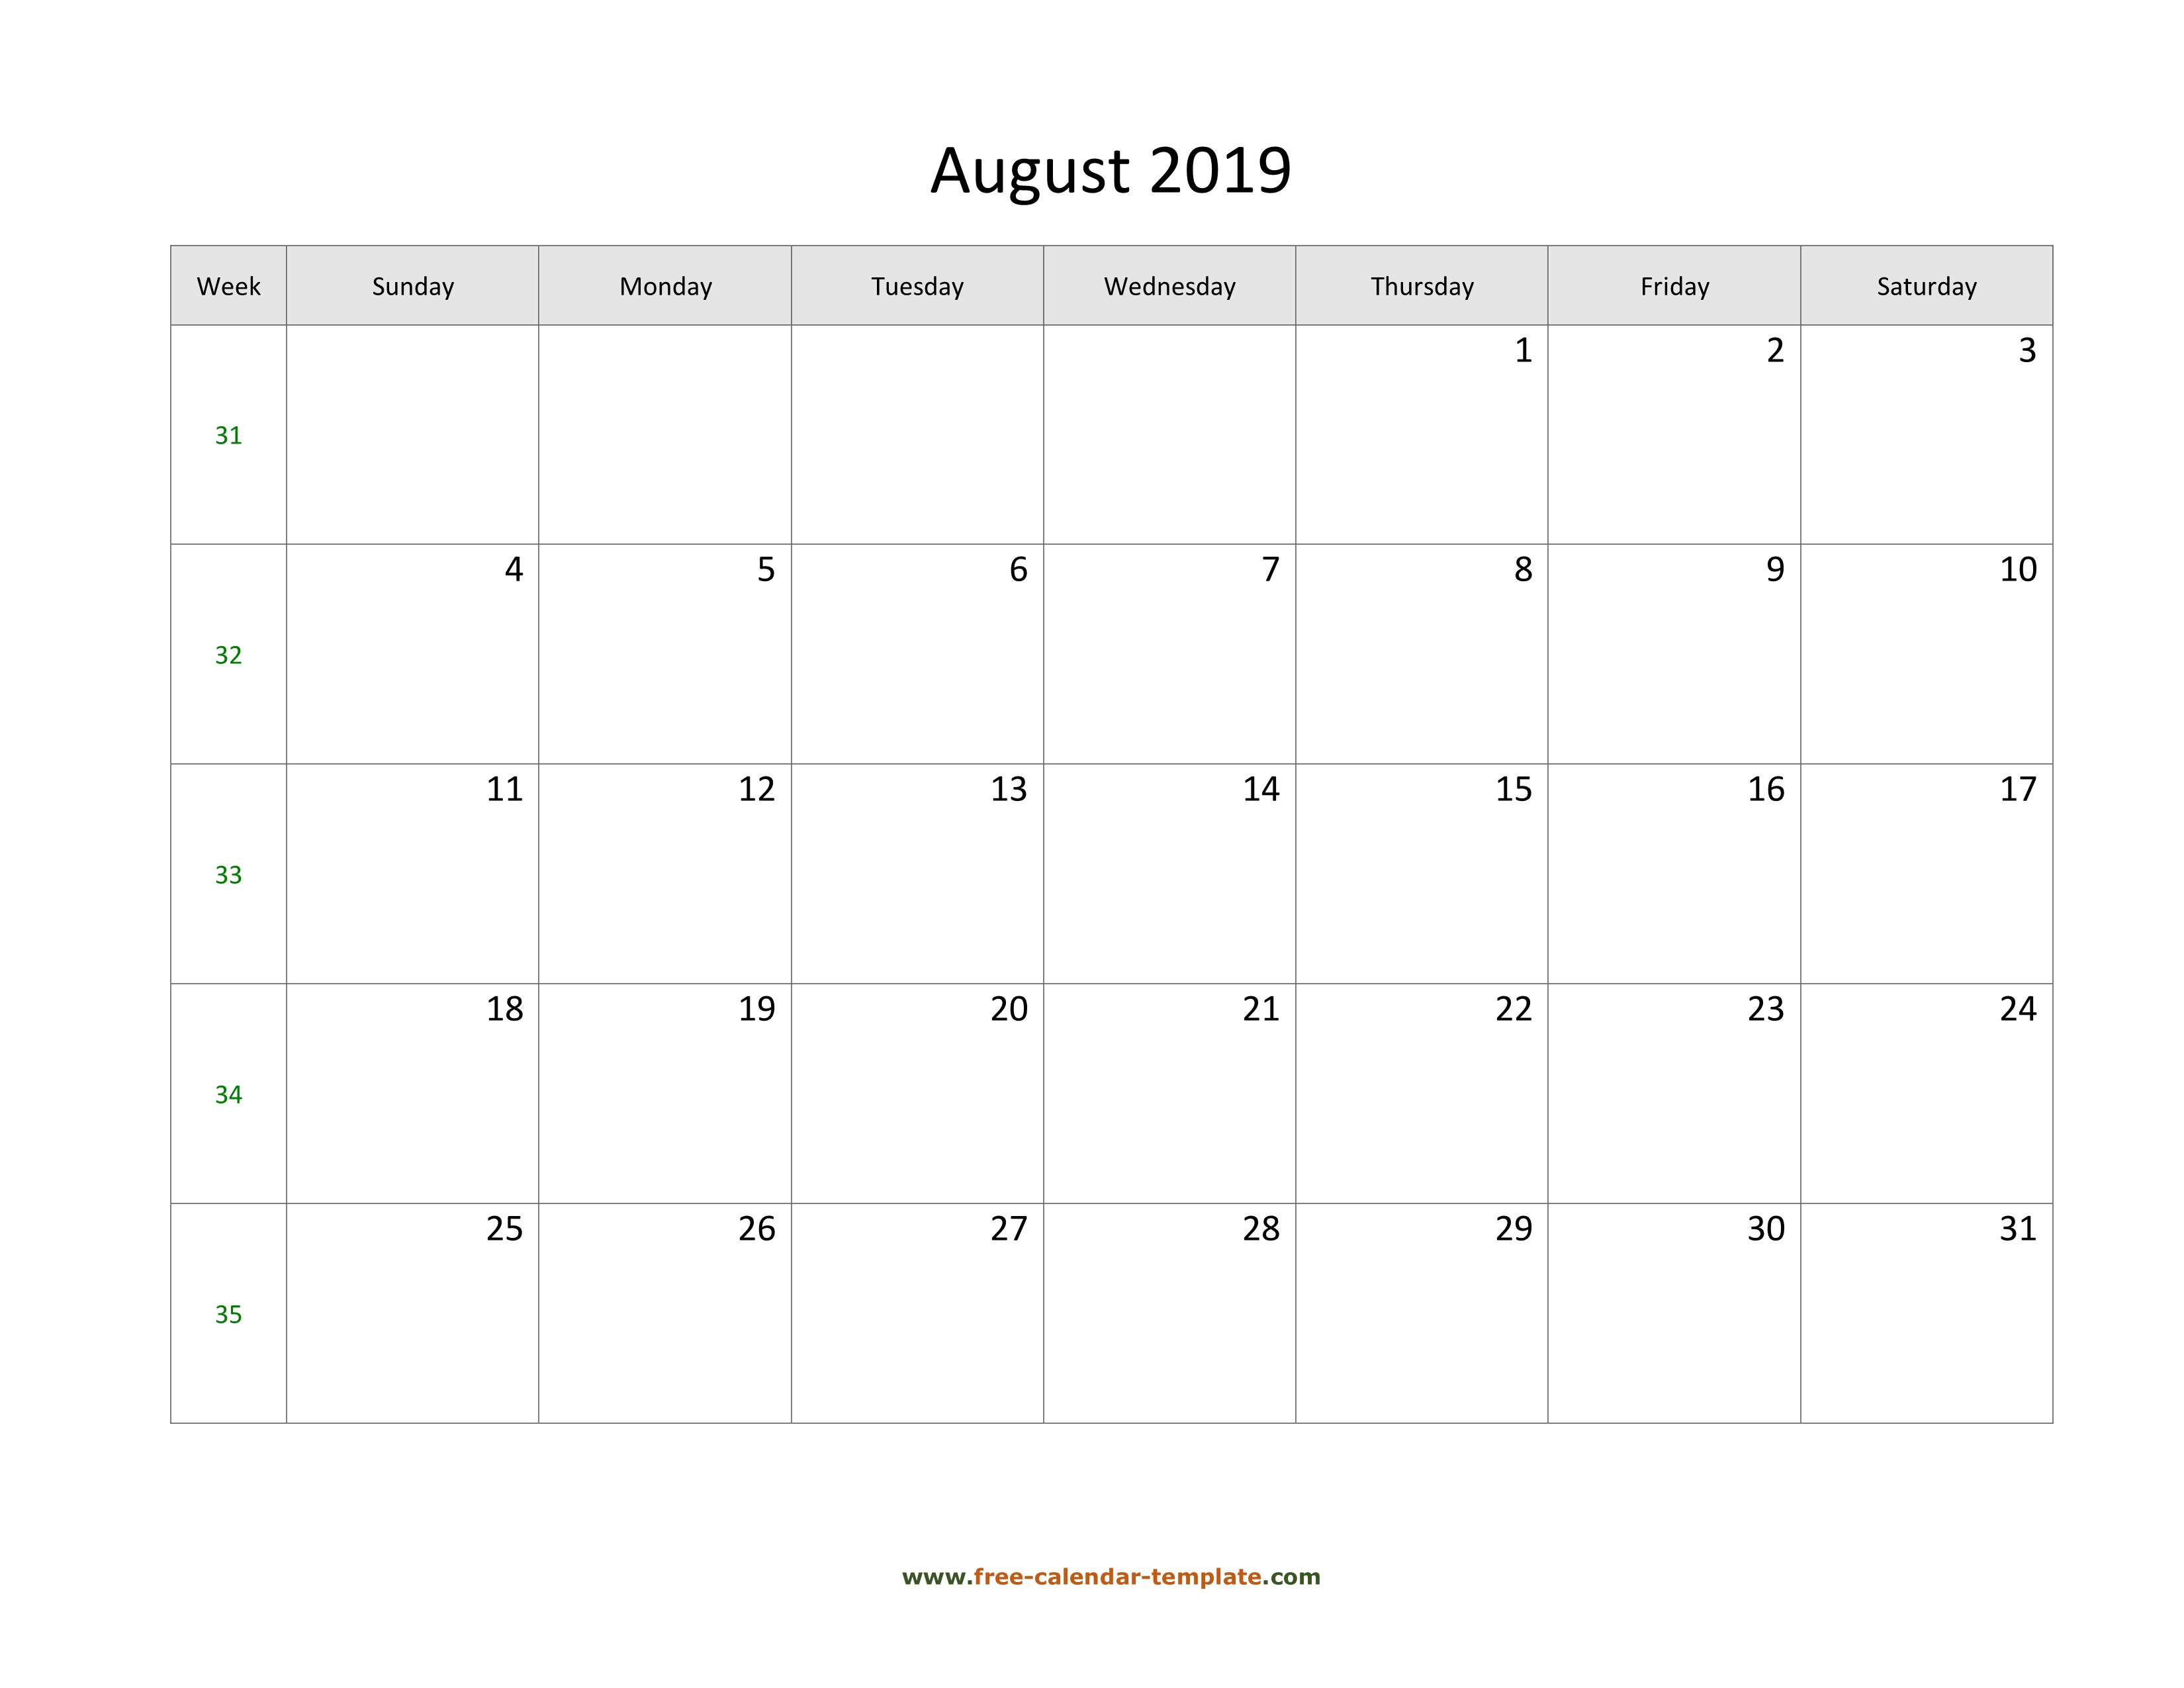 August 2019 Free Calendar Tempplate | Free-Calendar-Template